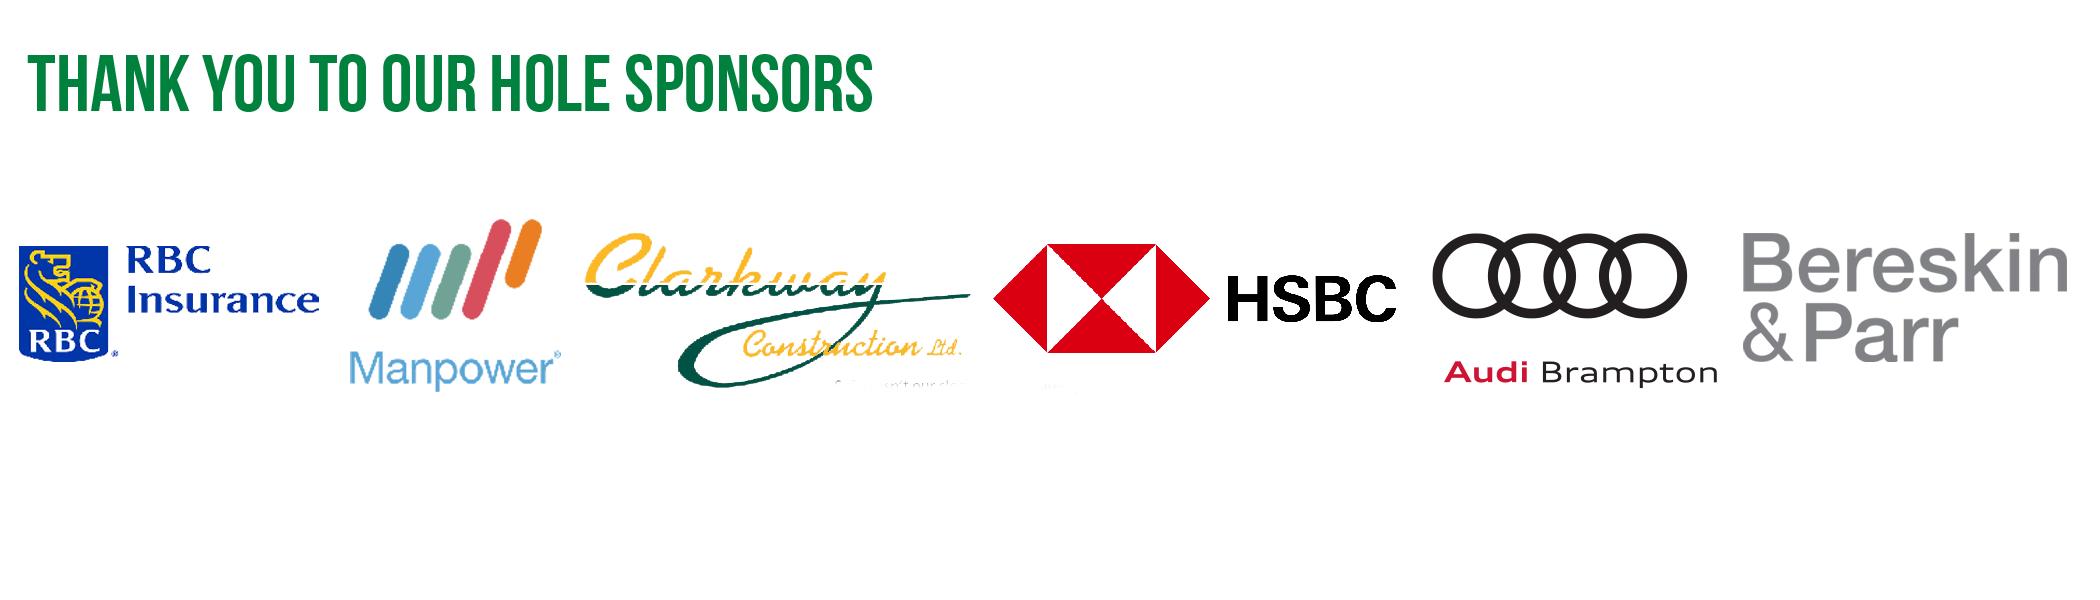 BBOT-Nine & Network-Hole-Sponsors.png